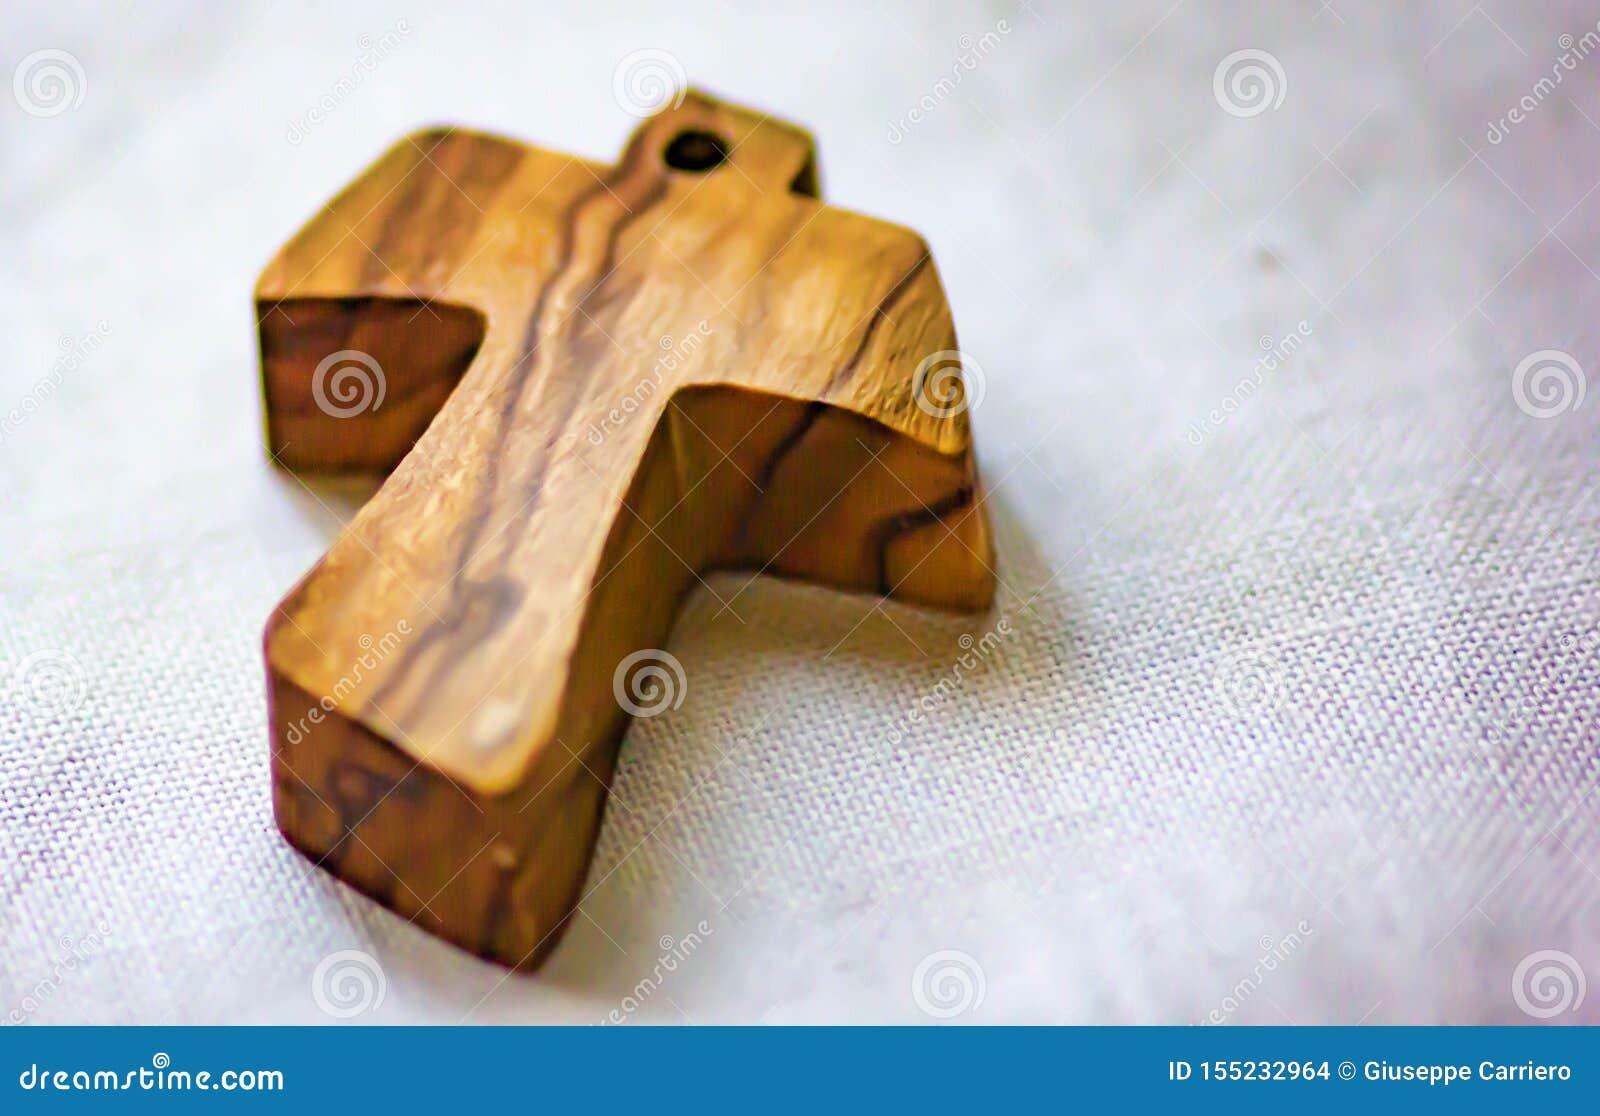 Fondo, imagen de una pequeña cruz de madera puesta en la tela de lino usada como colgante por algún fiel